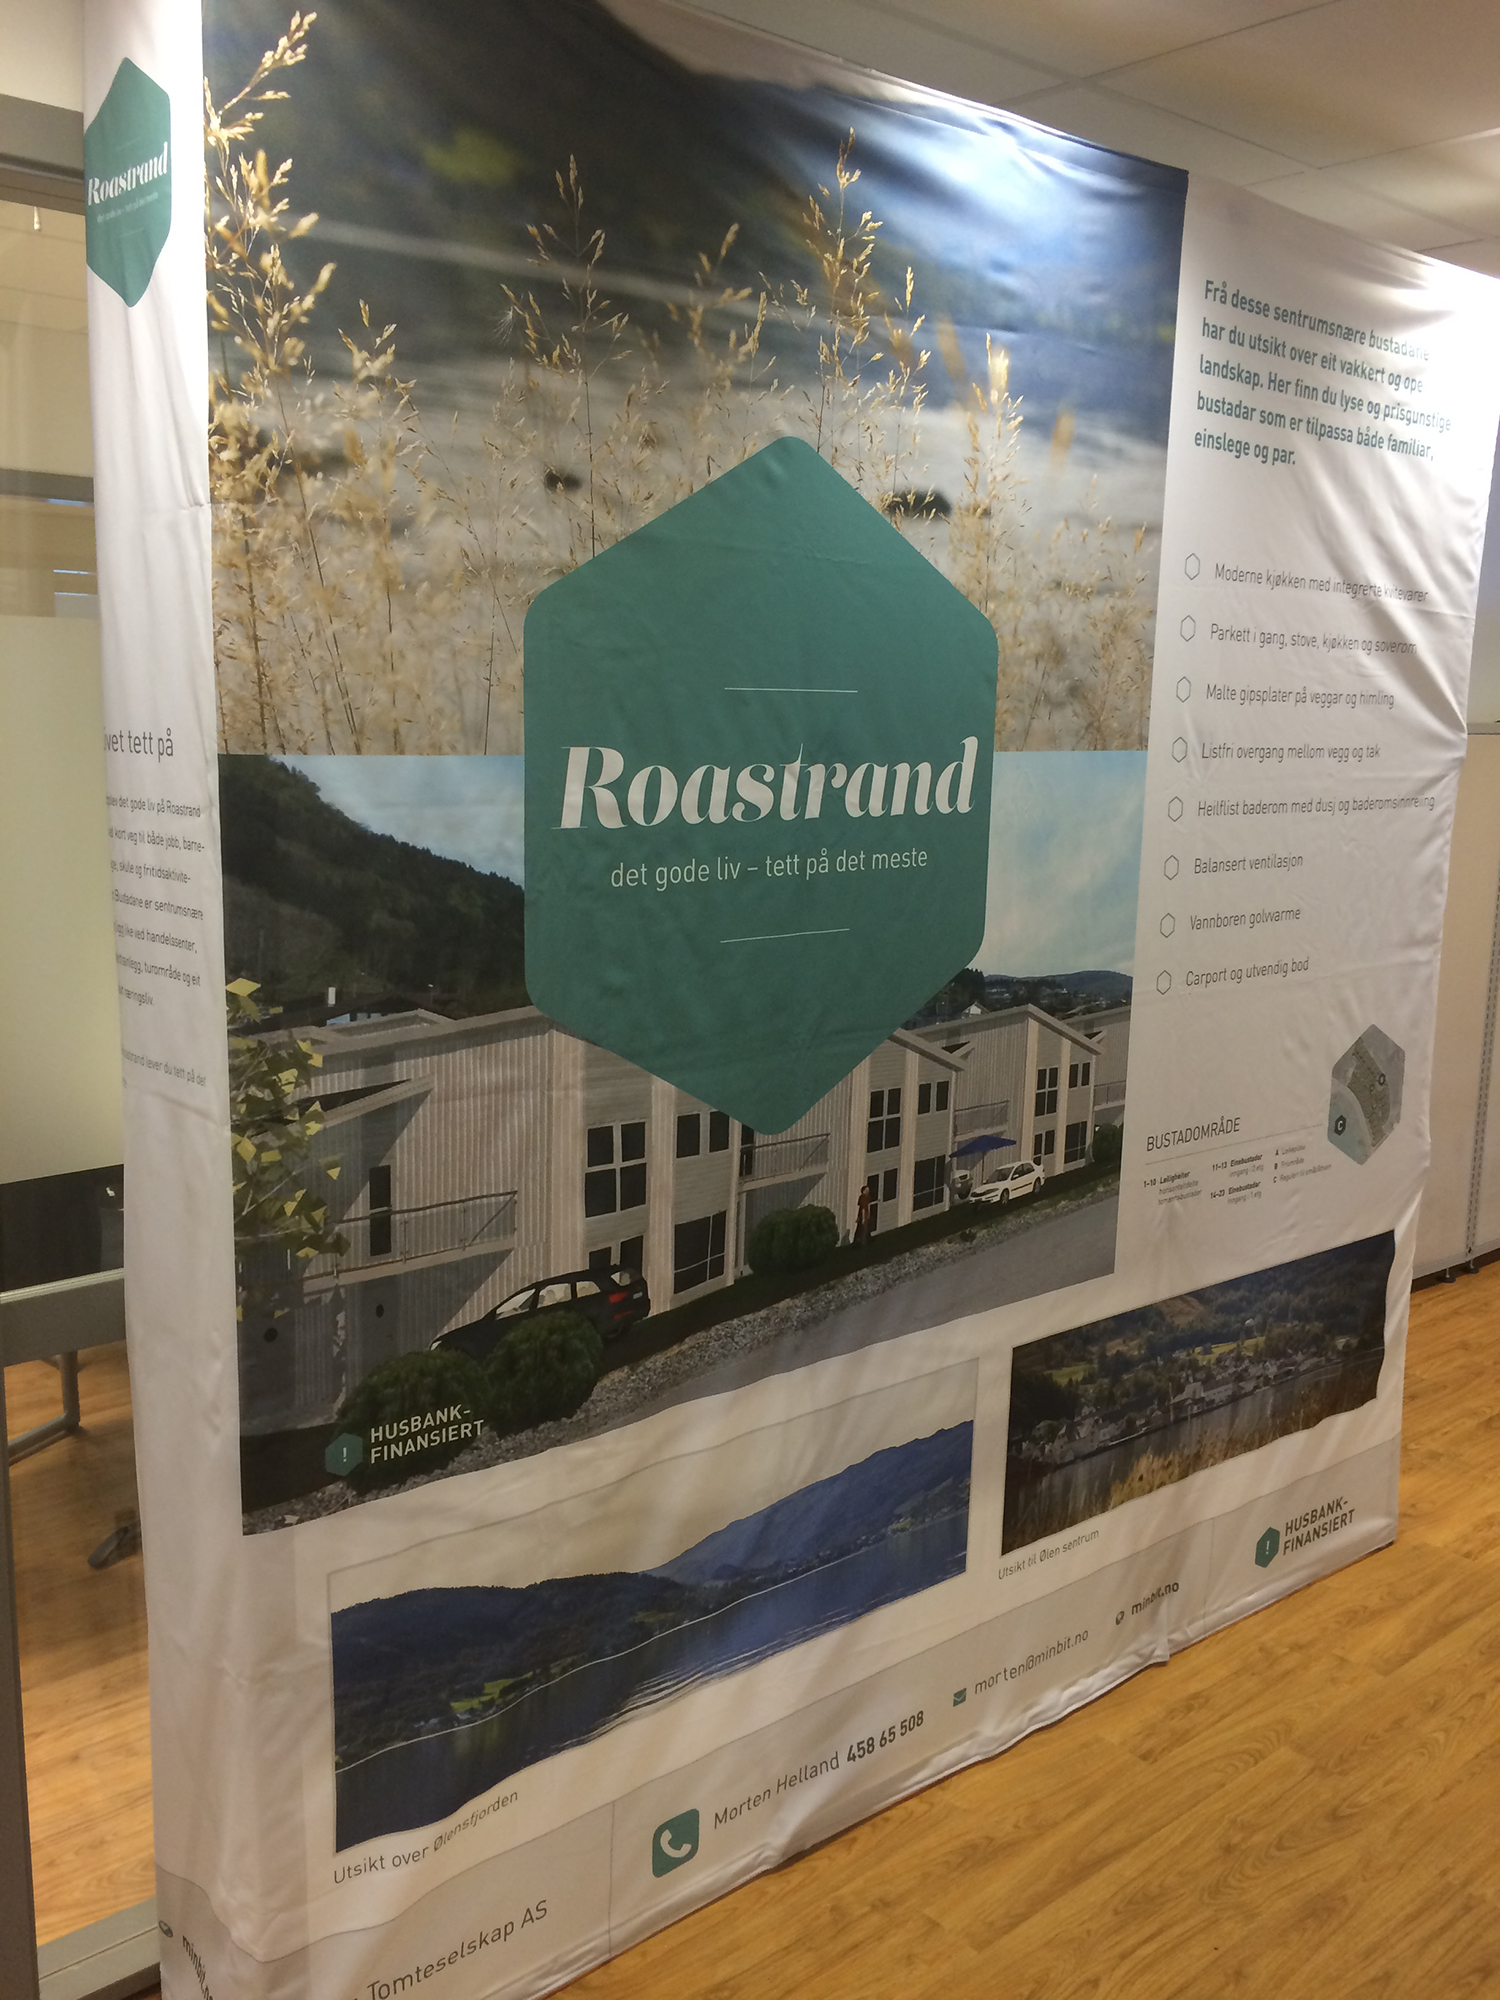 Bilete av stand for Roastrand.